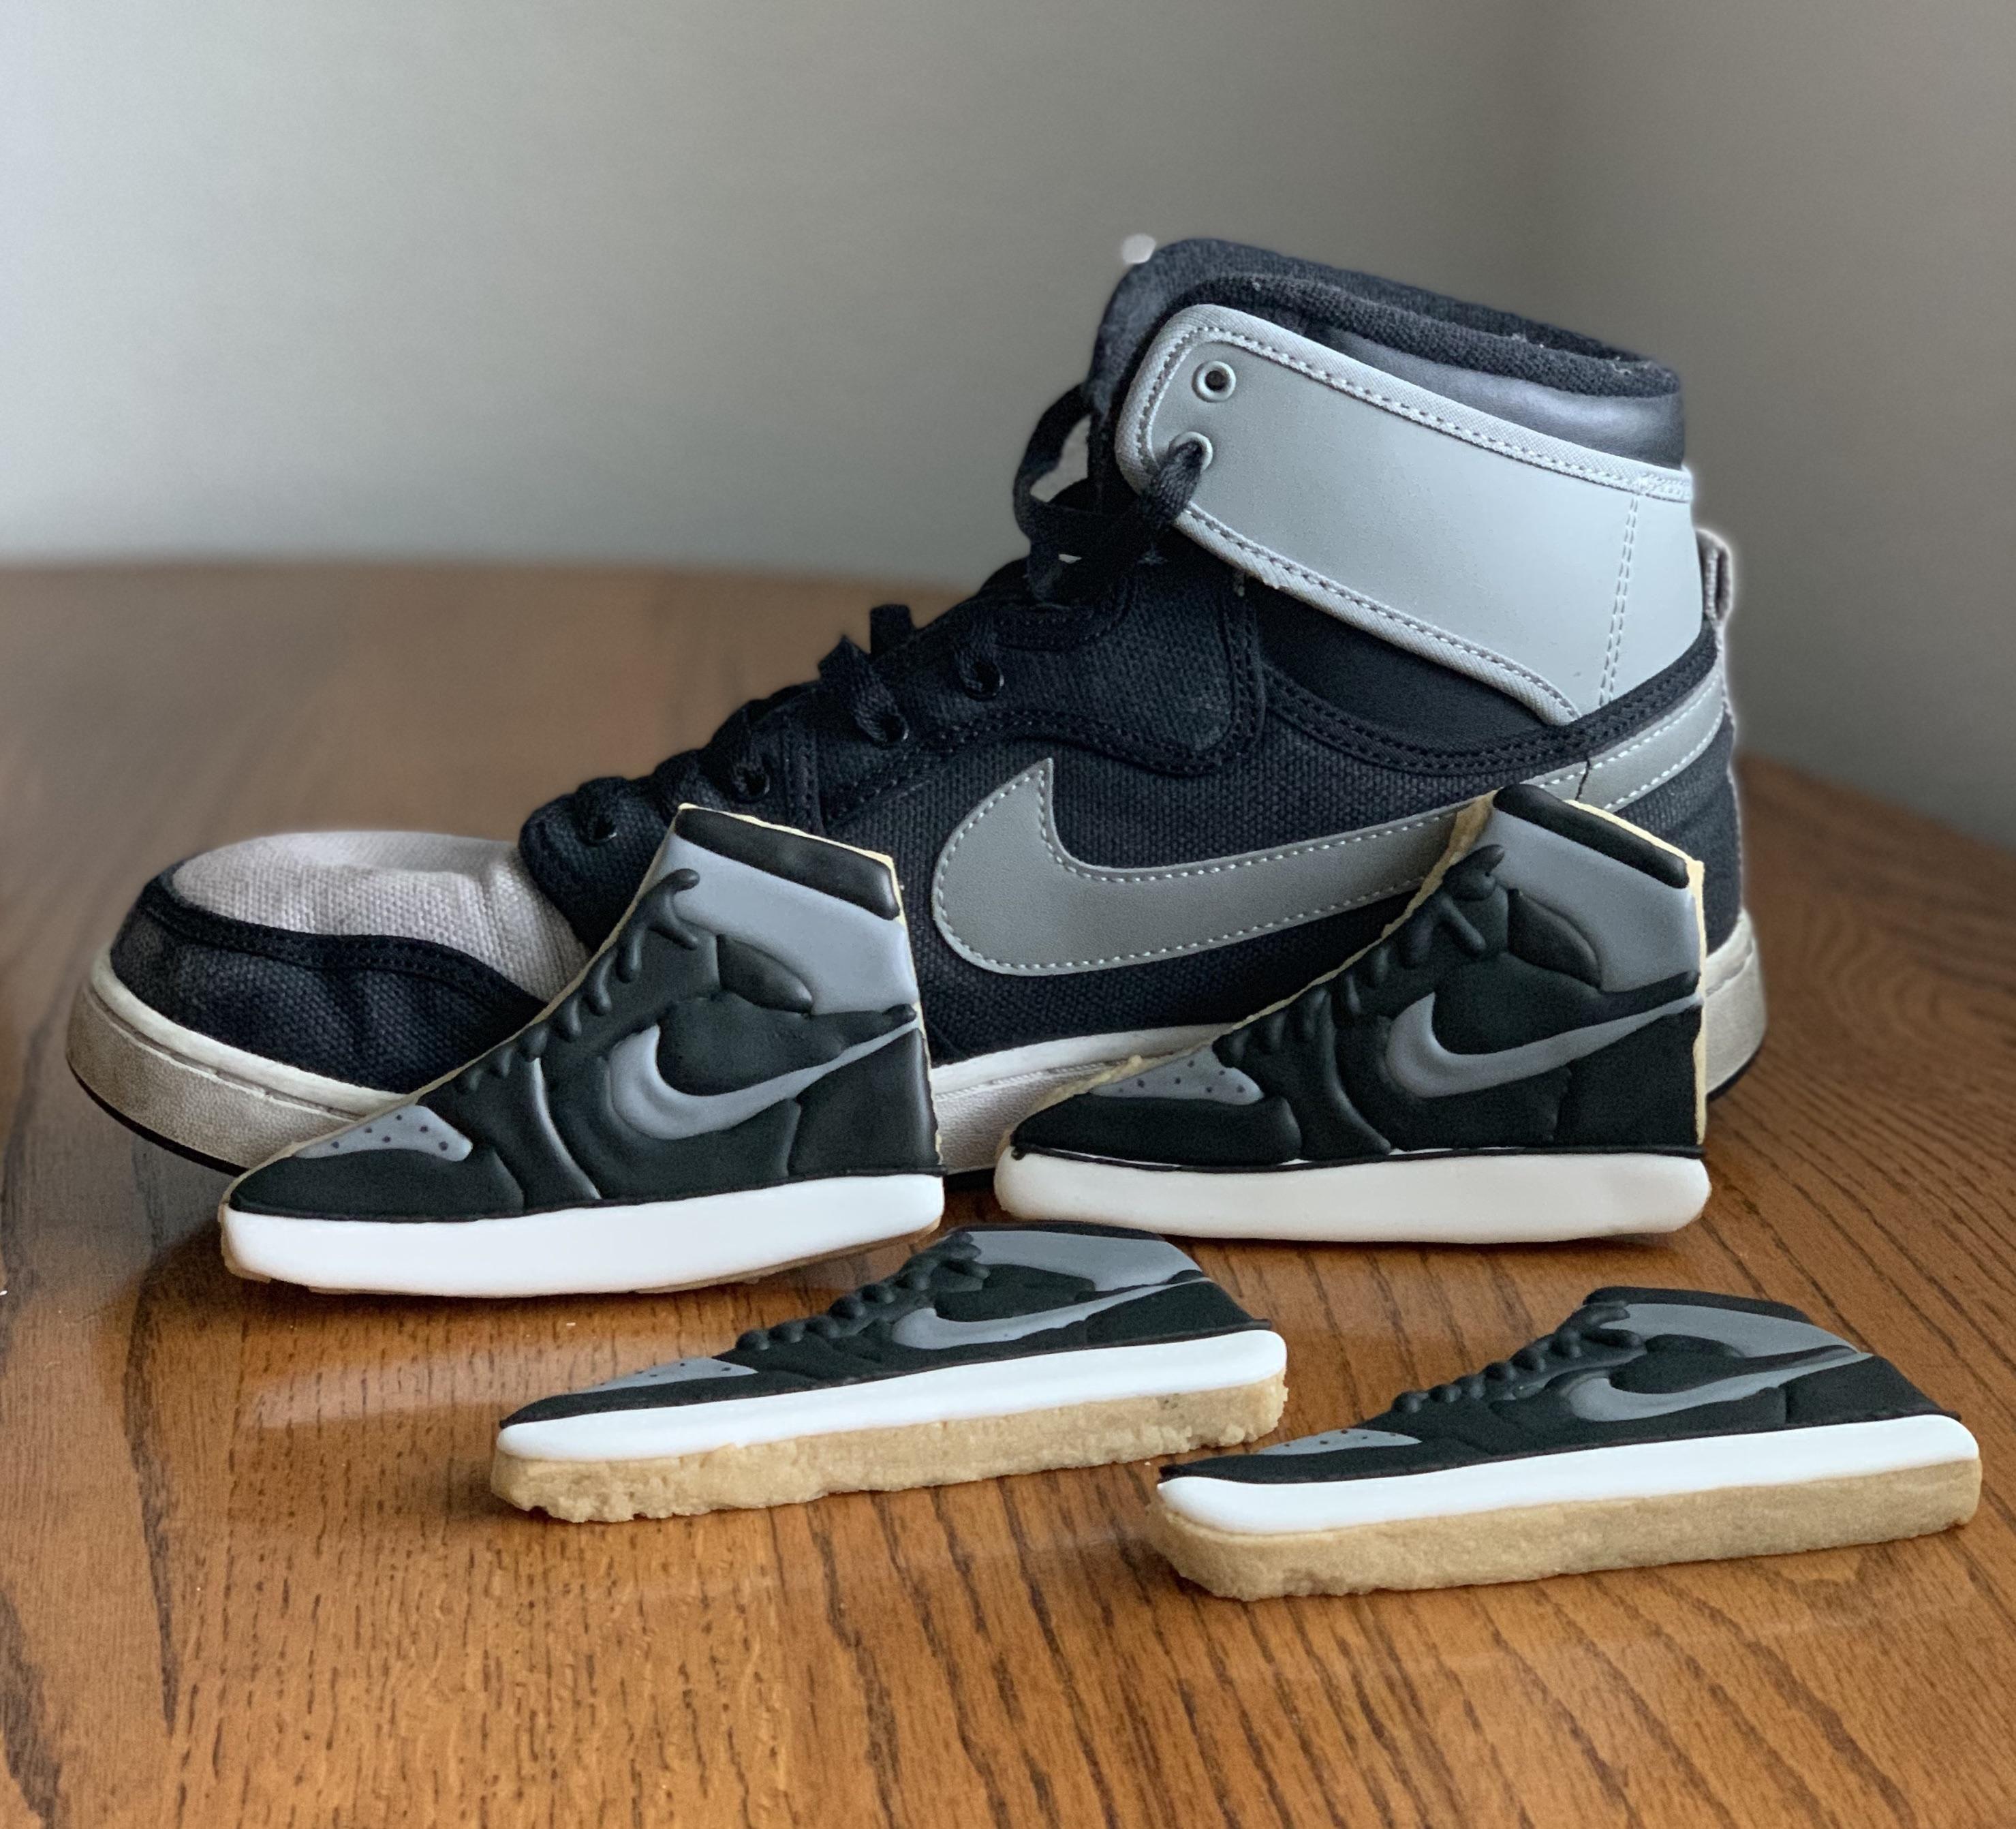 I Made Nike Air Jordan Cookies Nike, Sneakers, Air jordans